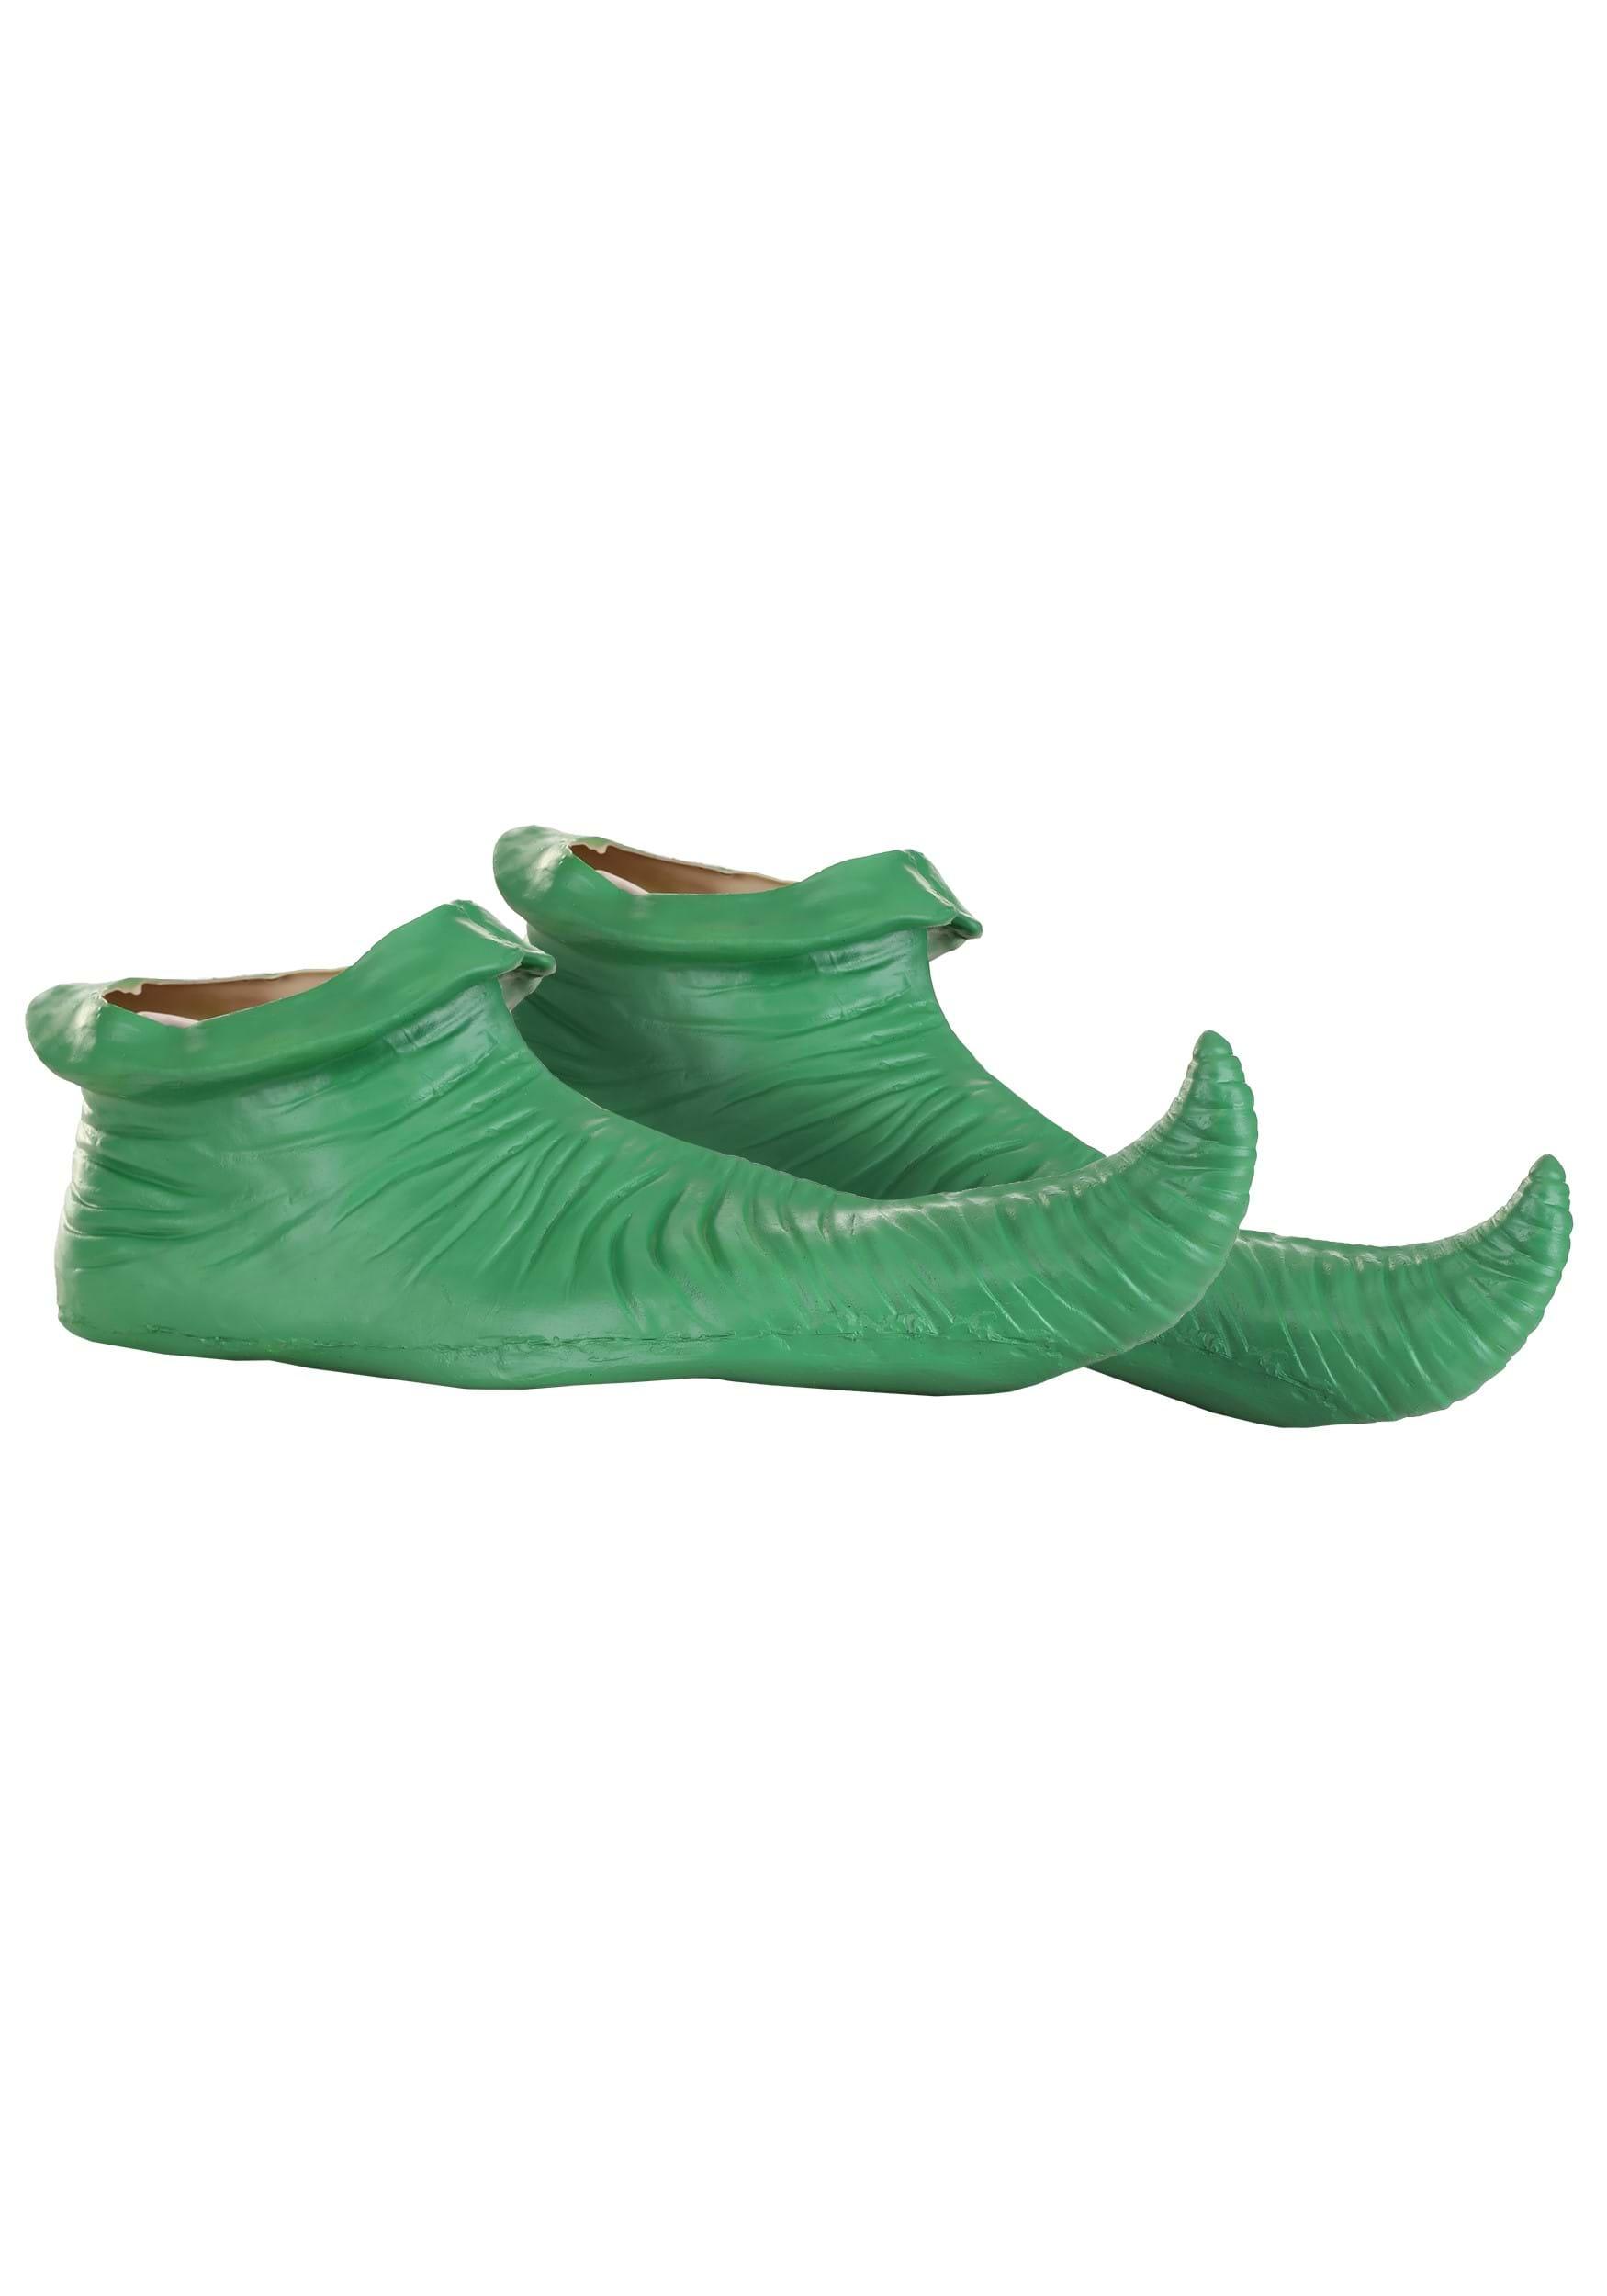 Black Munchkin Shoes Green Munchkin Shoes